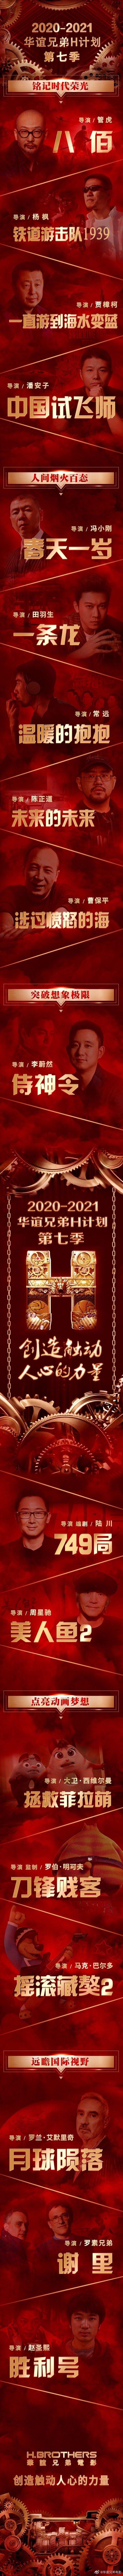 华谊兄弟发布年度片单,贾樟柯冯小刚周星驰陆川新片在列图片